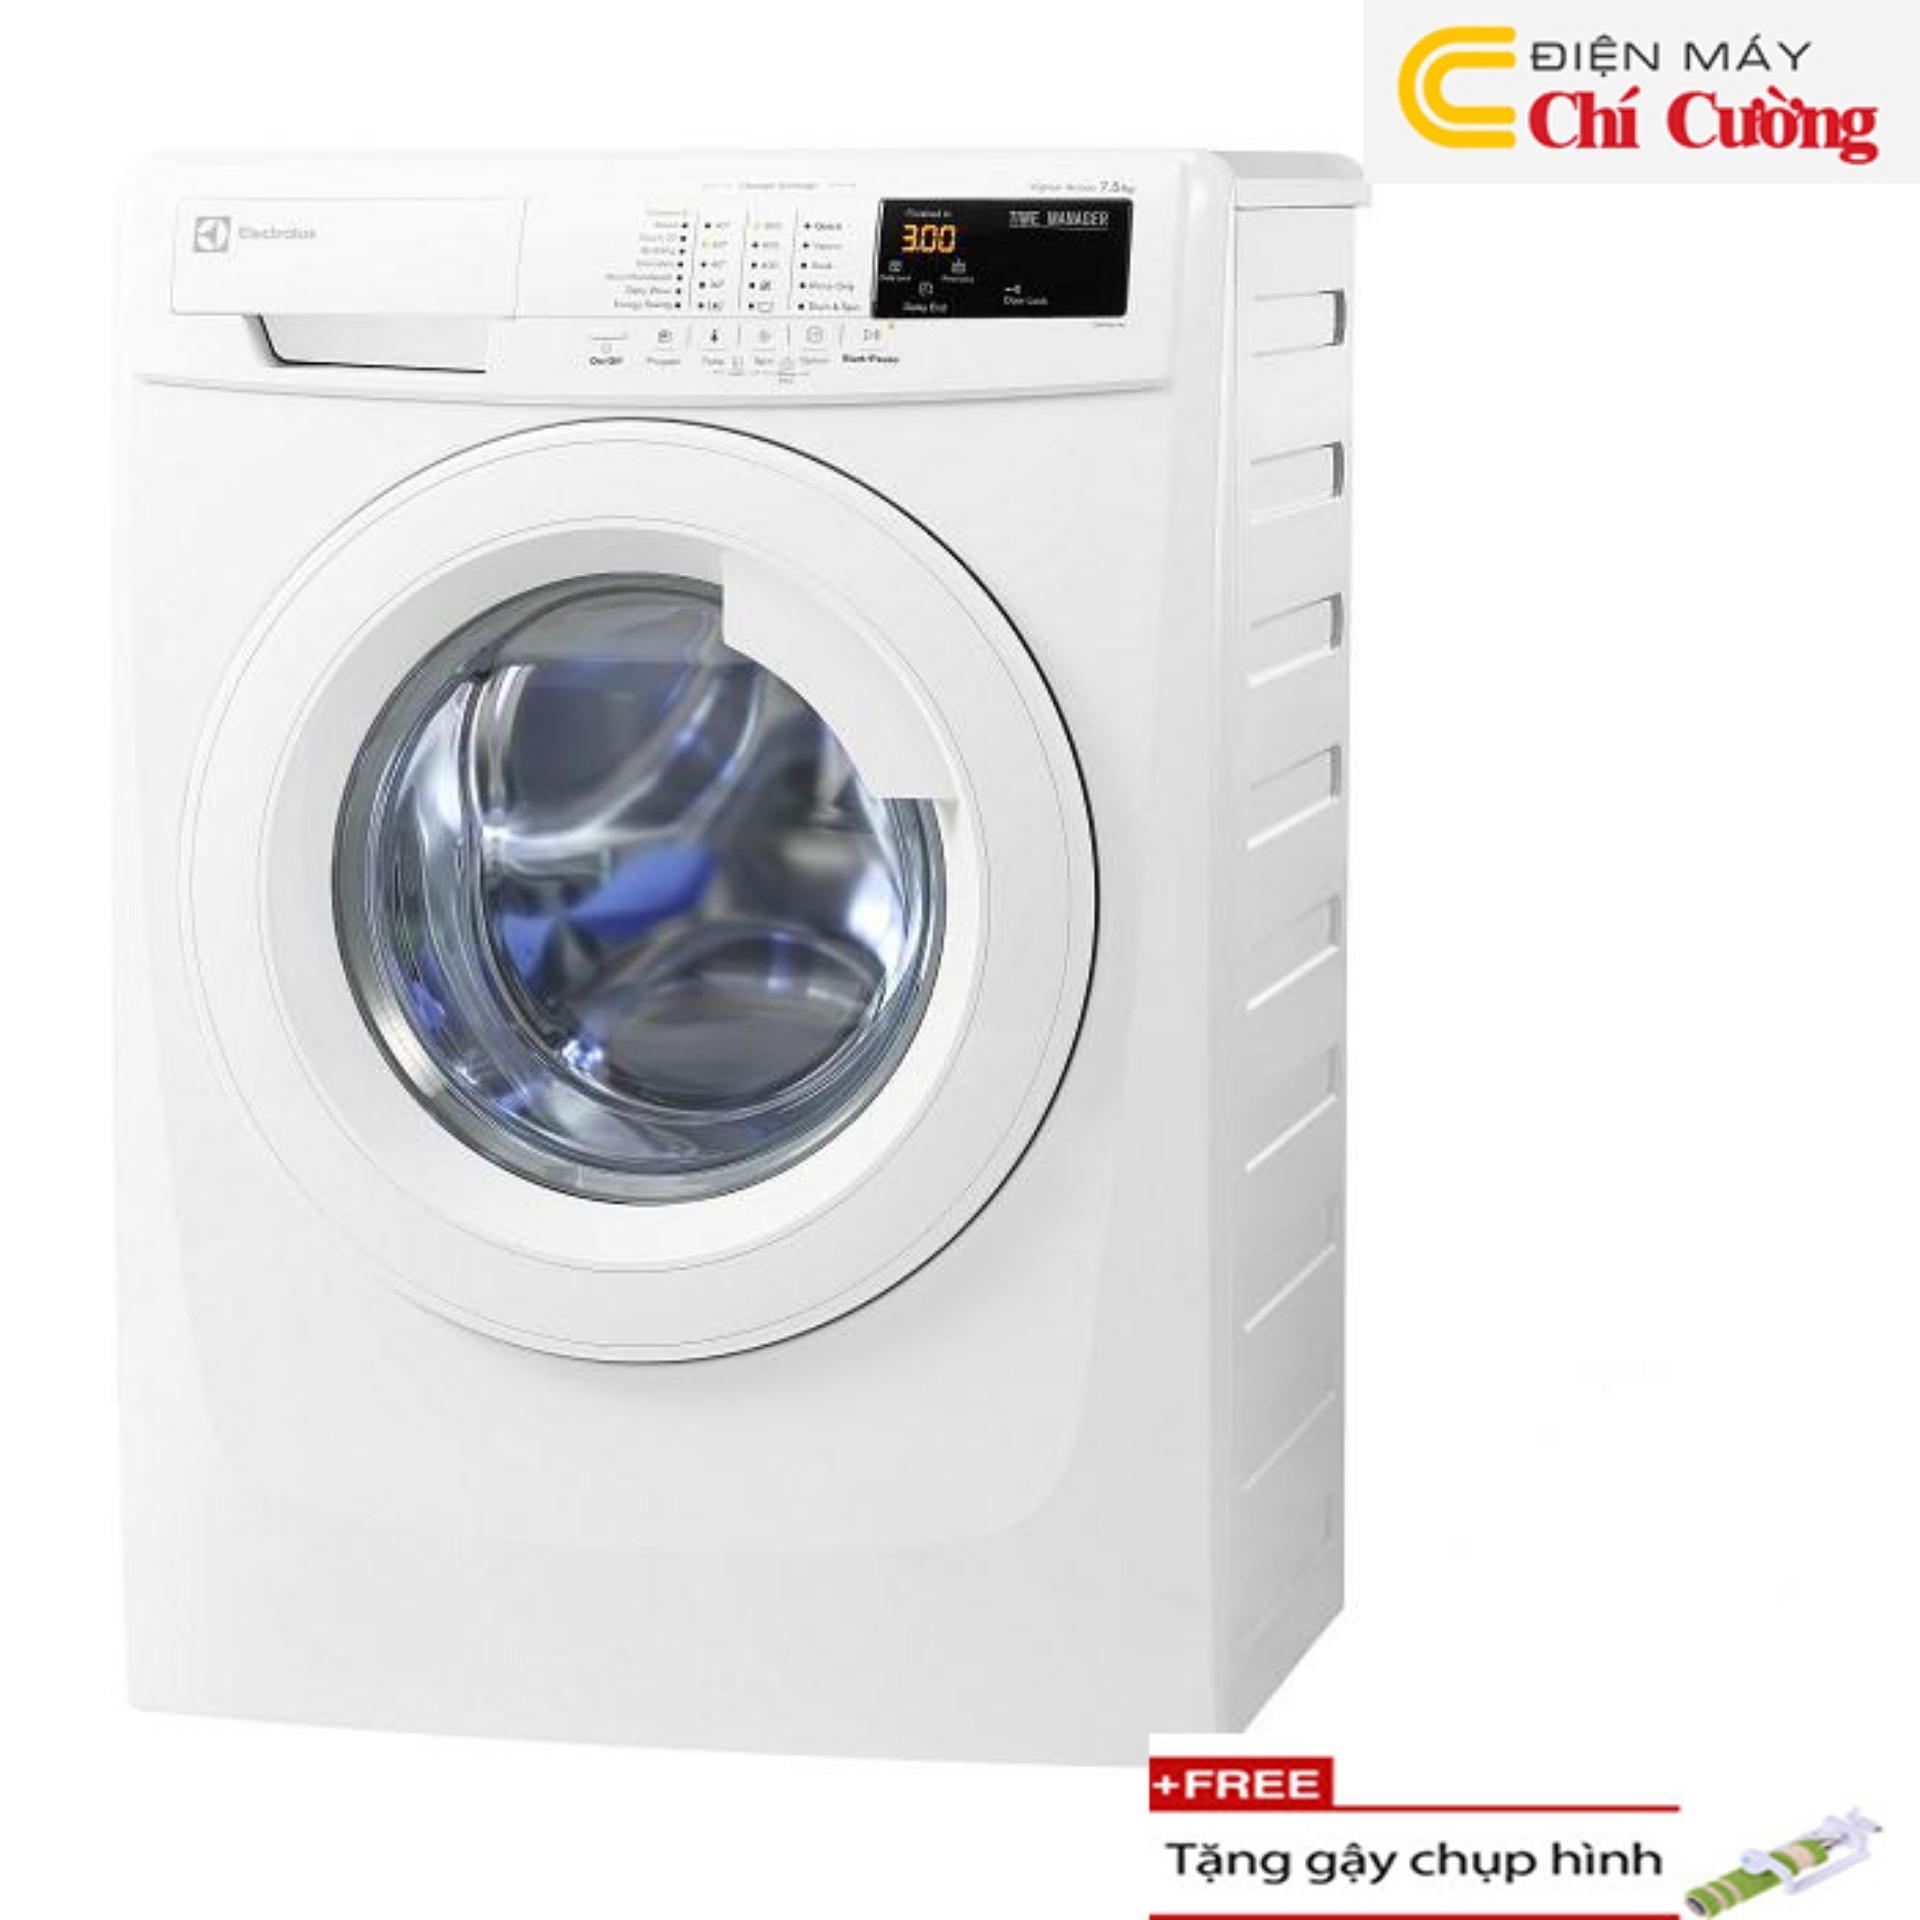 Máy giặt lồng ngang Electrolux EWF85743 7.5kg (Trắng) + Tặng 1 gậychụp hình